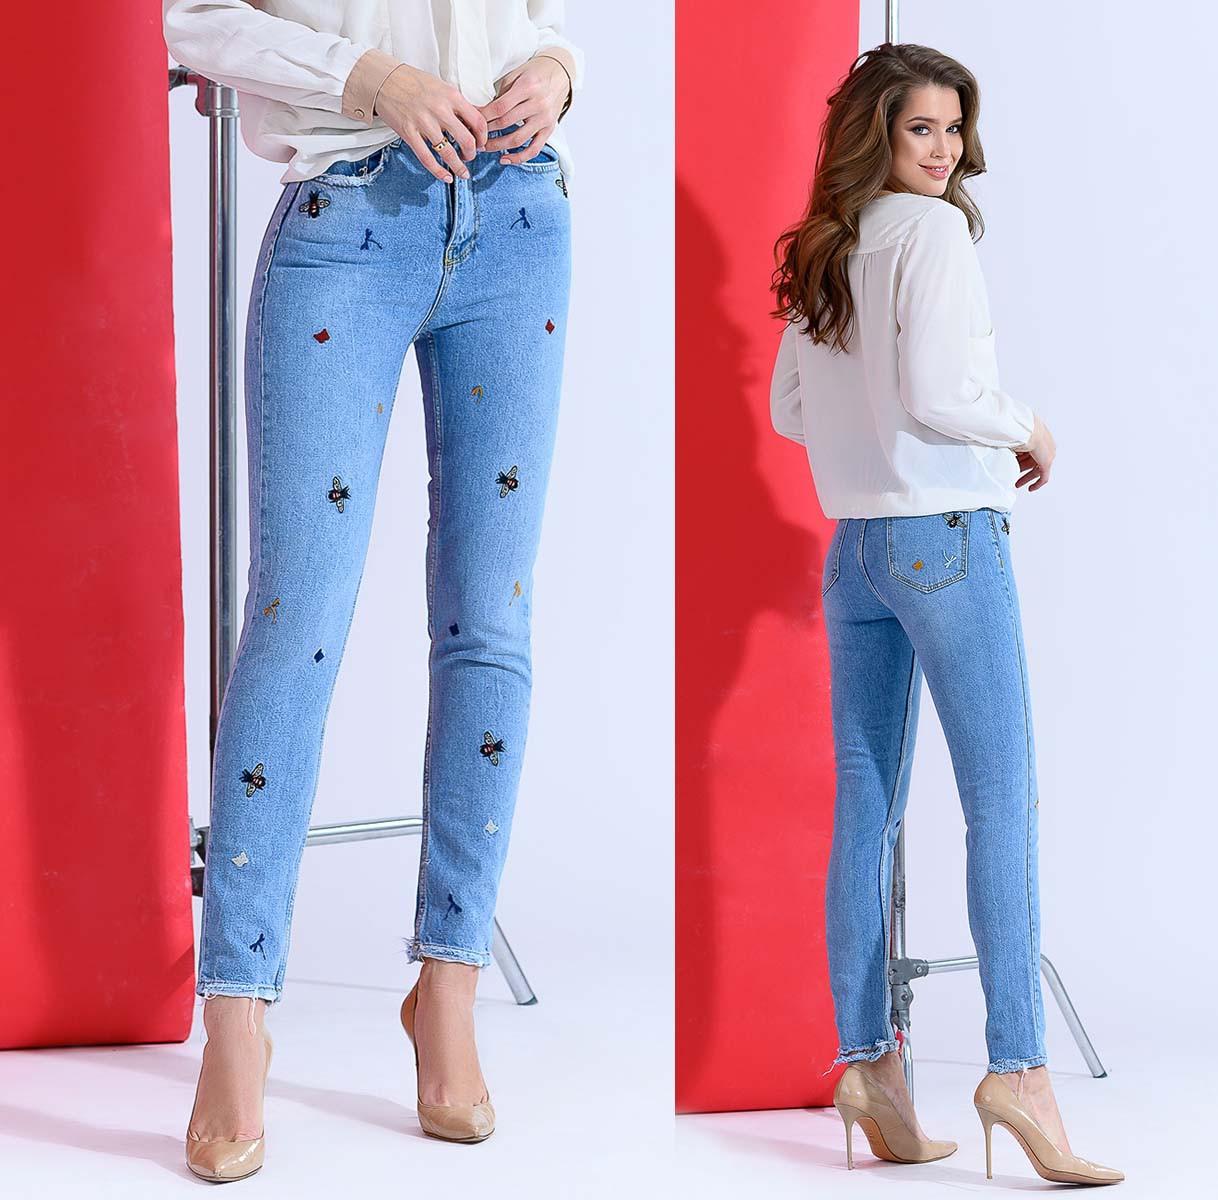 5c840a4f938 Стильные женские джинсы МОМ с вышивкой